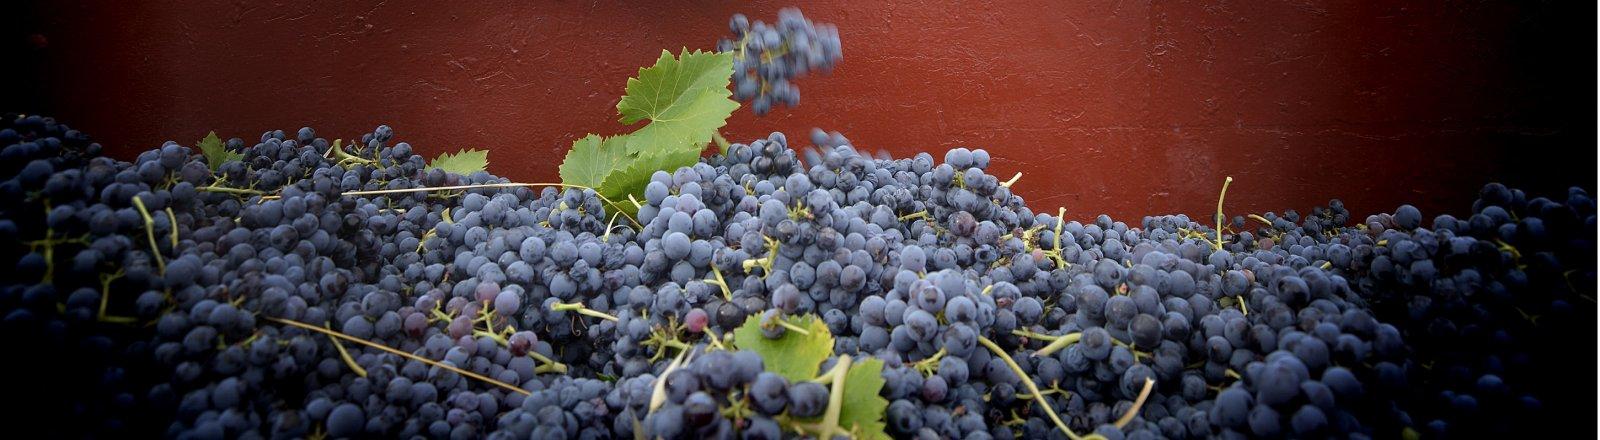 Vendanges à Montpeyroux - Travail de la vigne, raisins noirs – Castelbarry © Olivier Diaz de Zarate